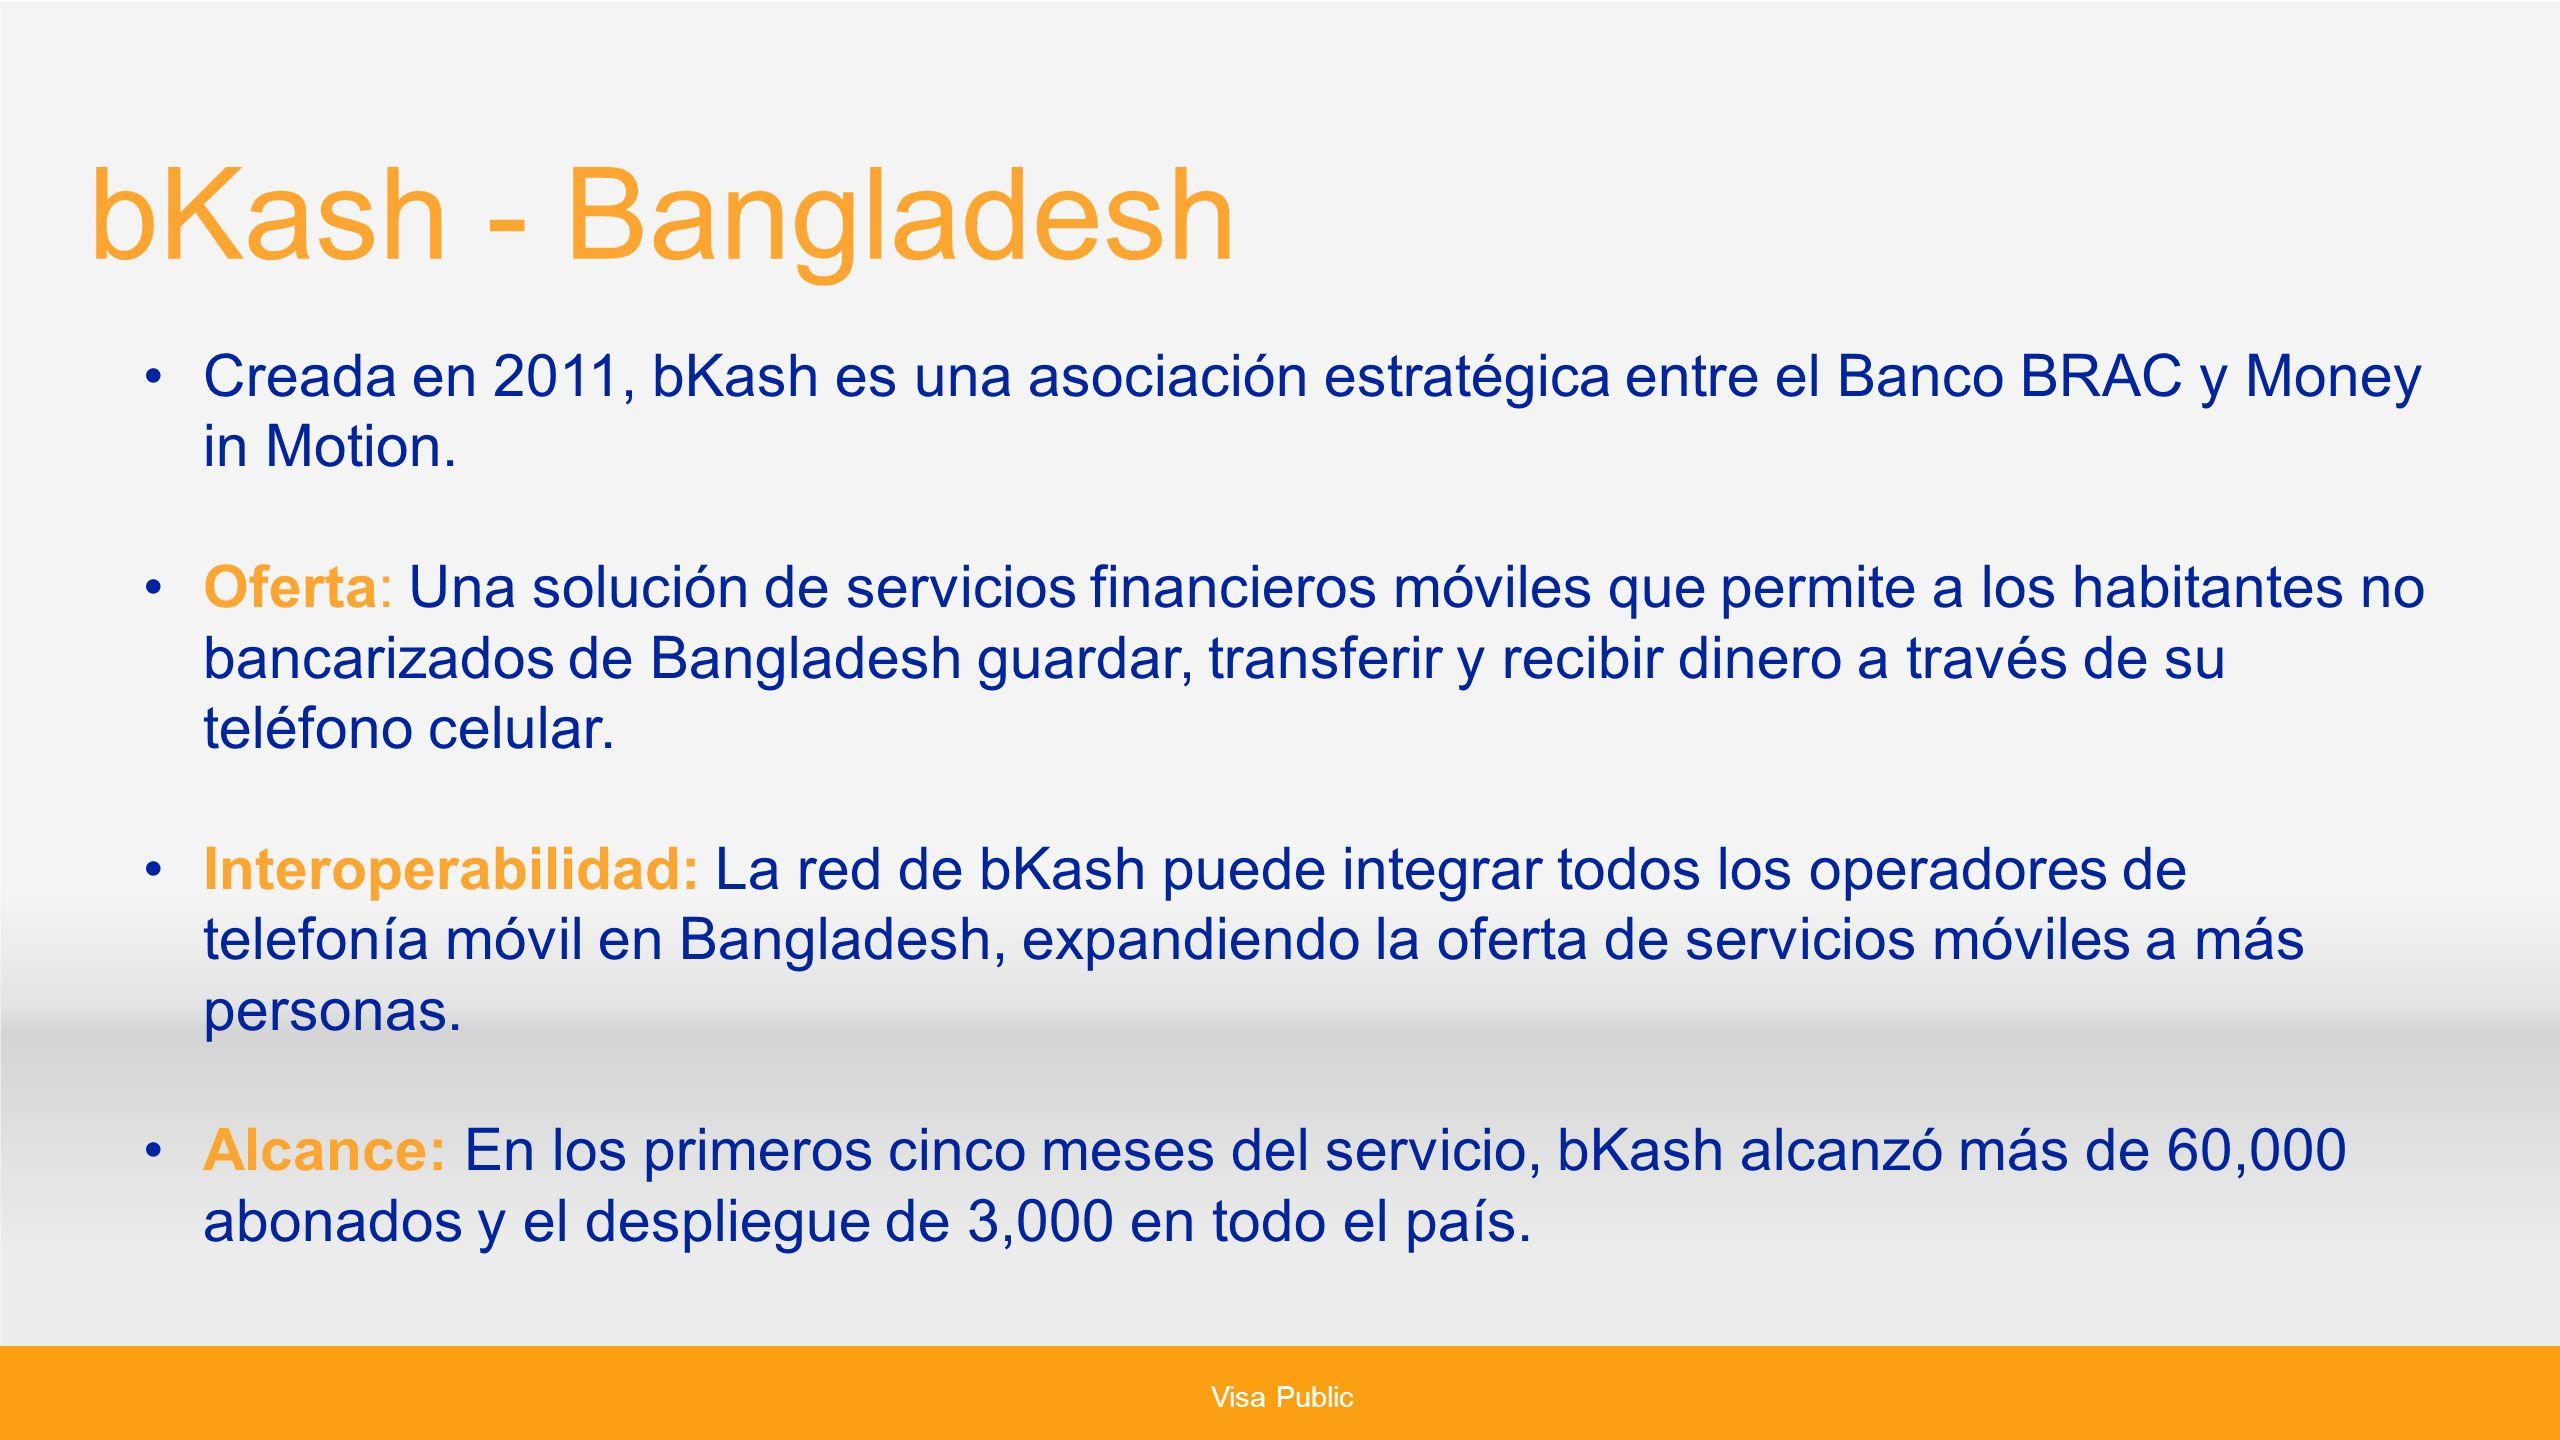 bKash - BangladeshCreada en 2011, bKash es una asociación estratégica entre el Banco BRAC y Money in Motion.